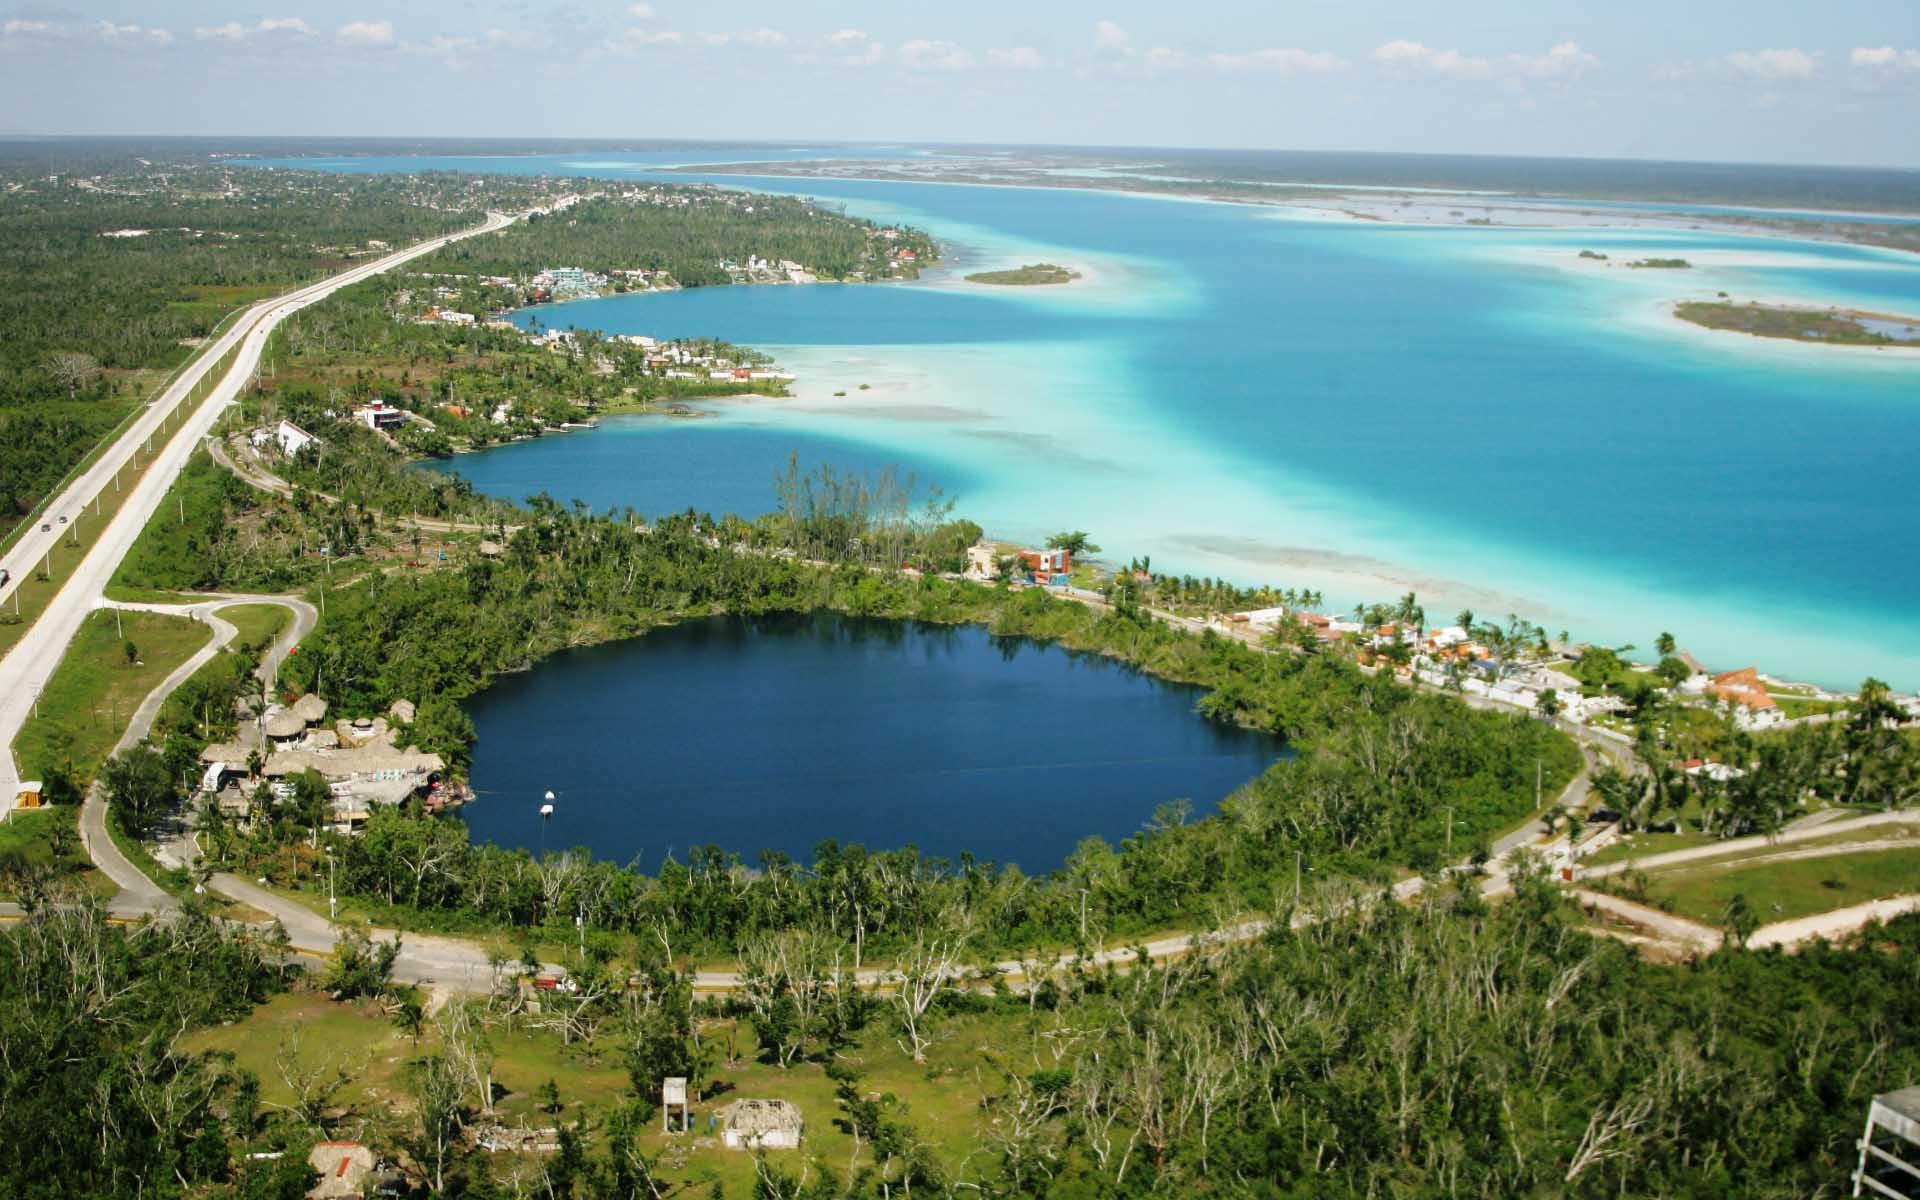 Ciclo de vida turístico de Bacalar, Pueblo Mágico, Quintana Roo